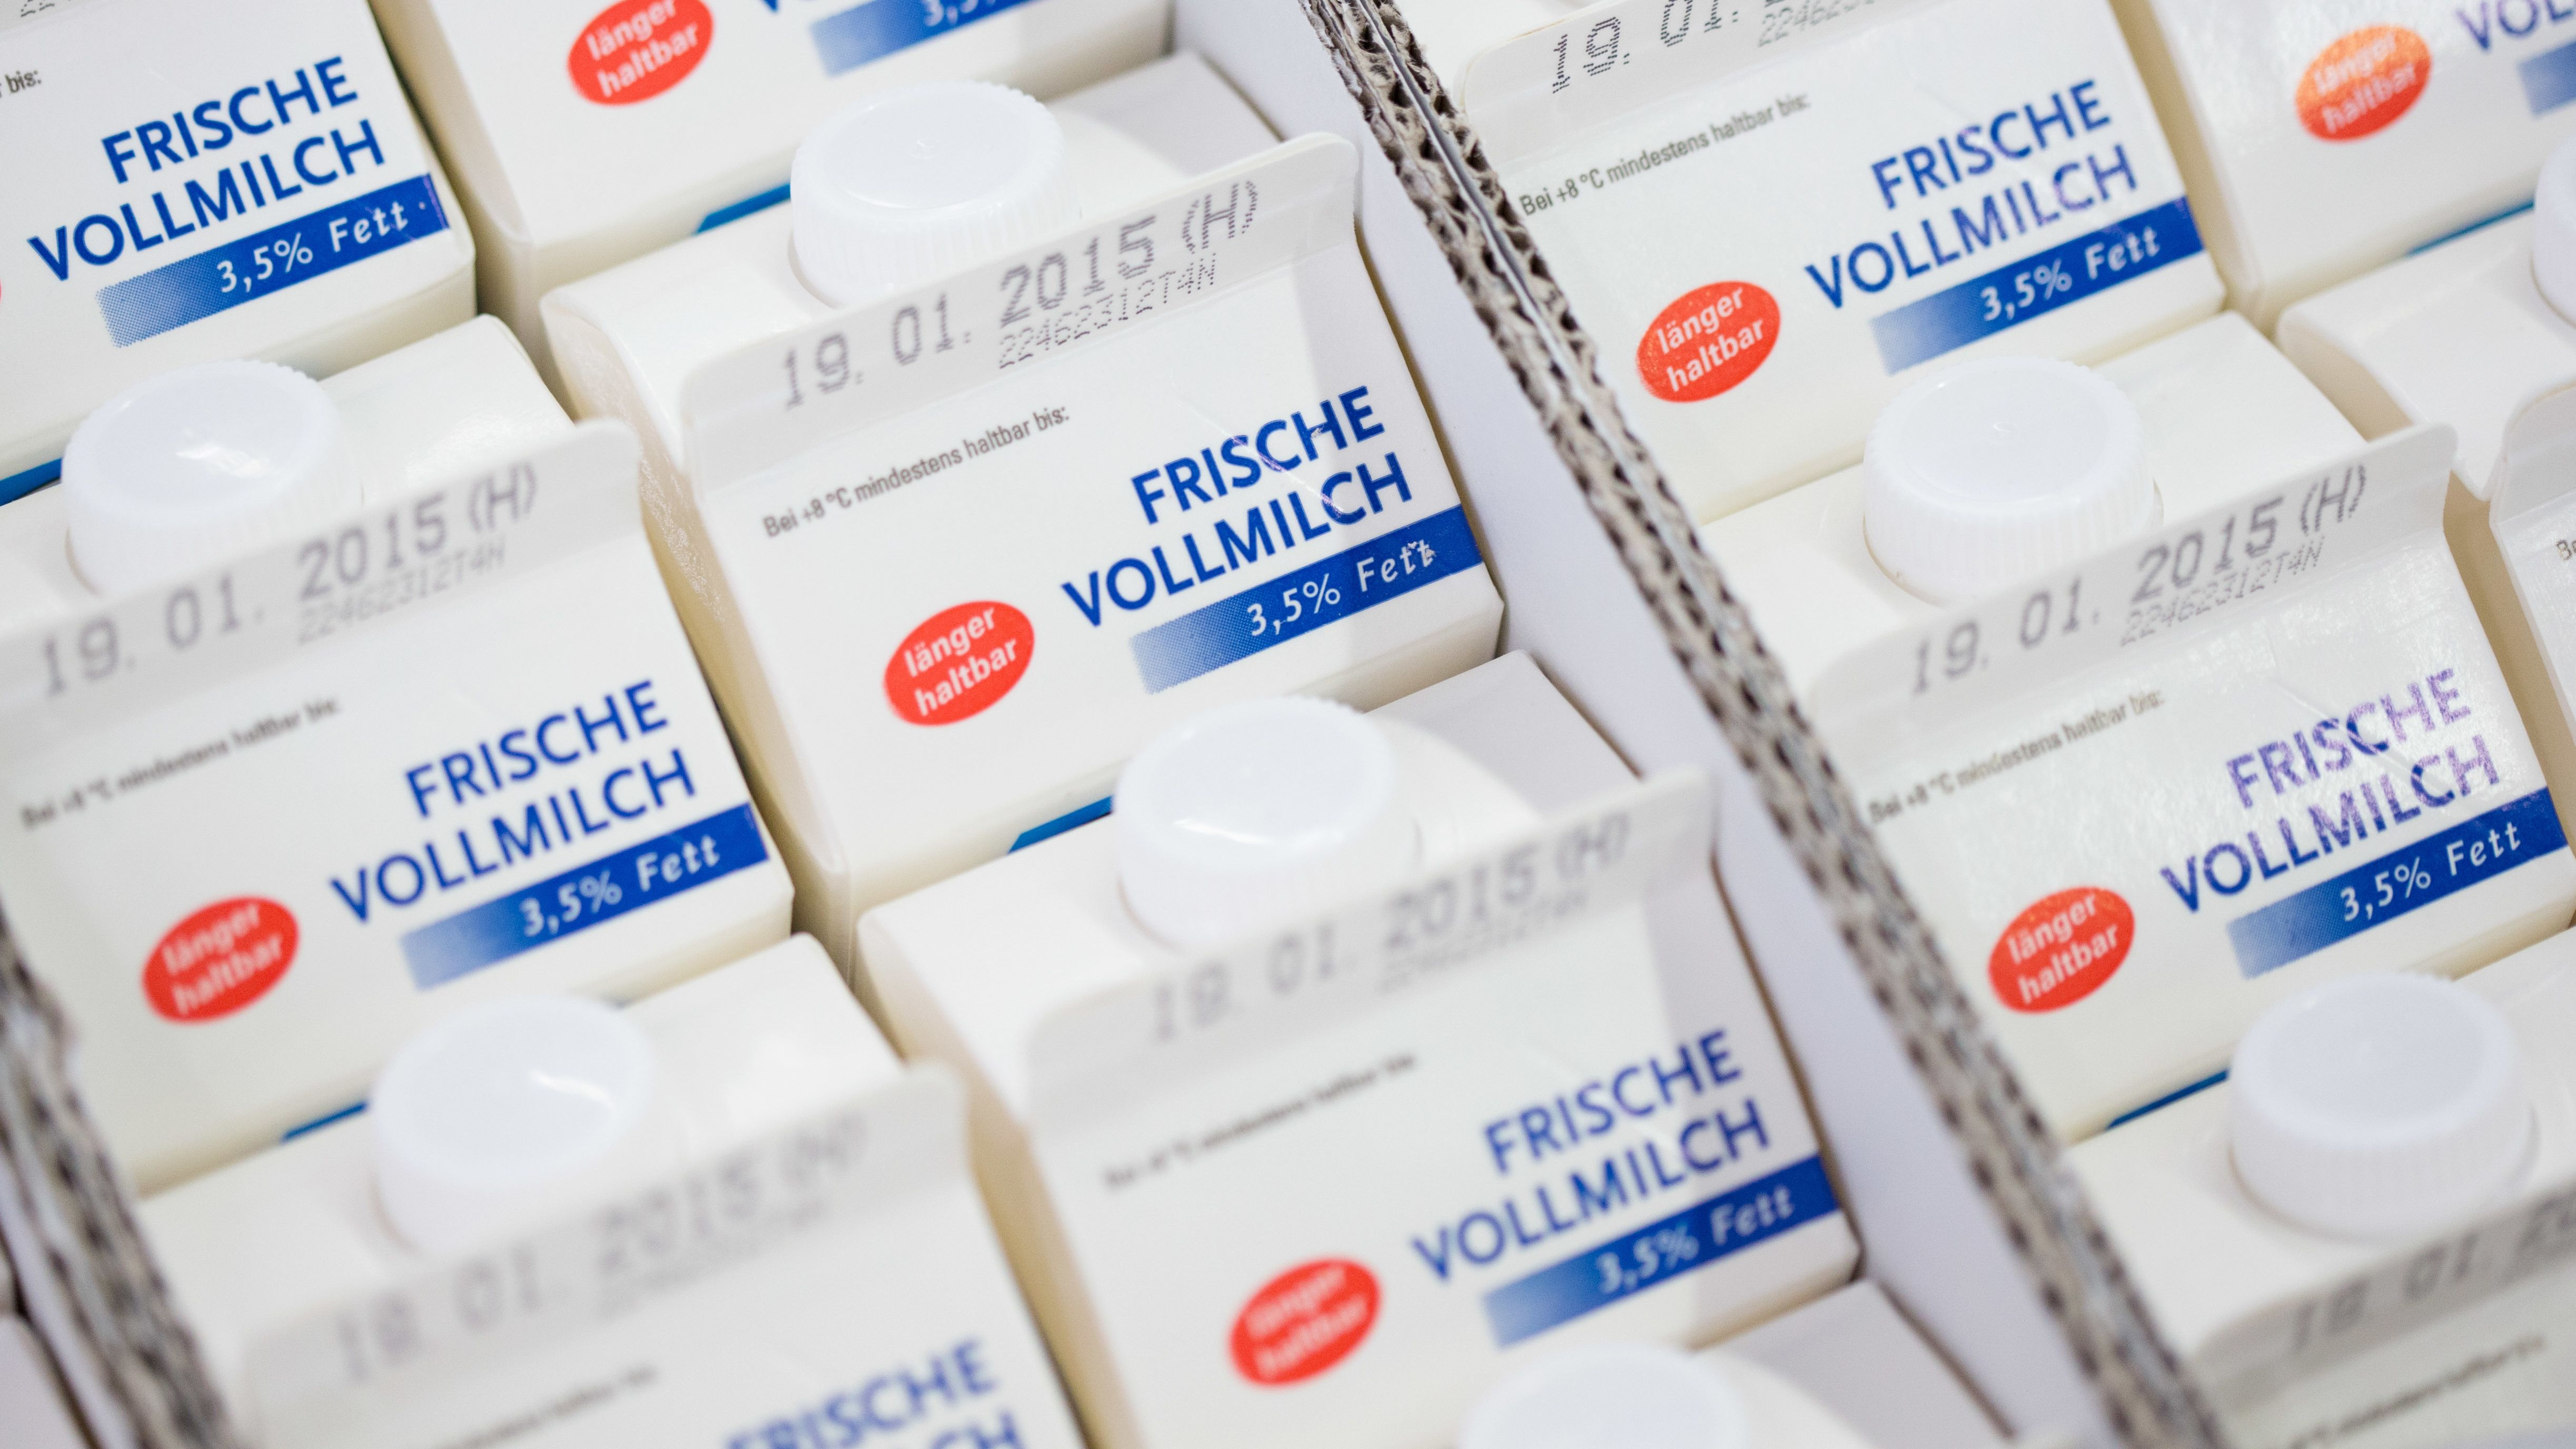 Auf Milchpackungen soll ein klar verständliches Tierwohl-Siegel, wenn es nach der Verbraucherzentrale Bayern geht.